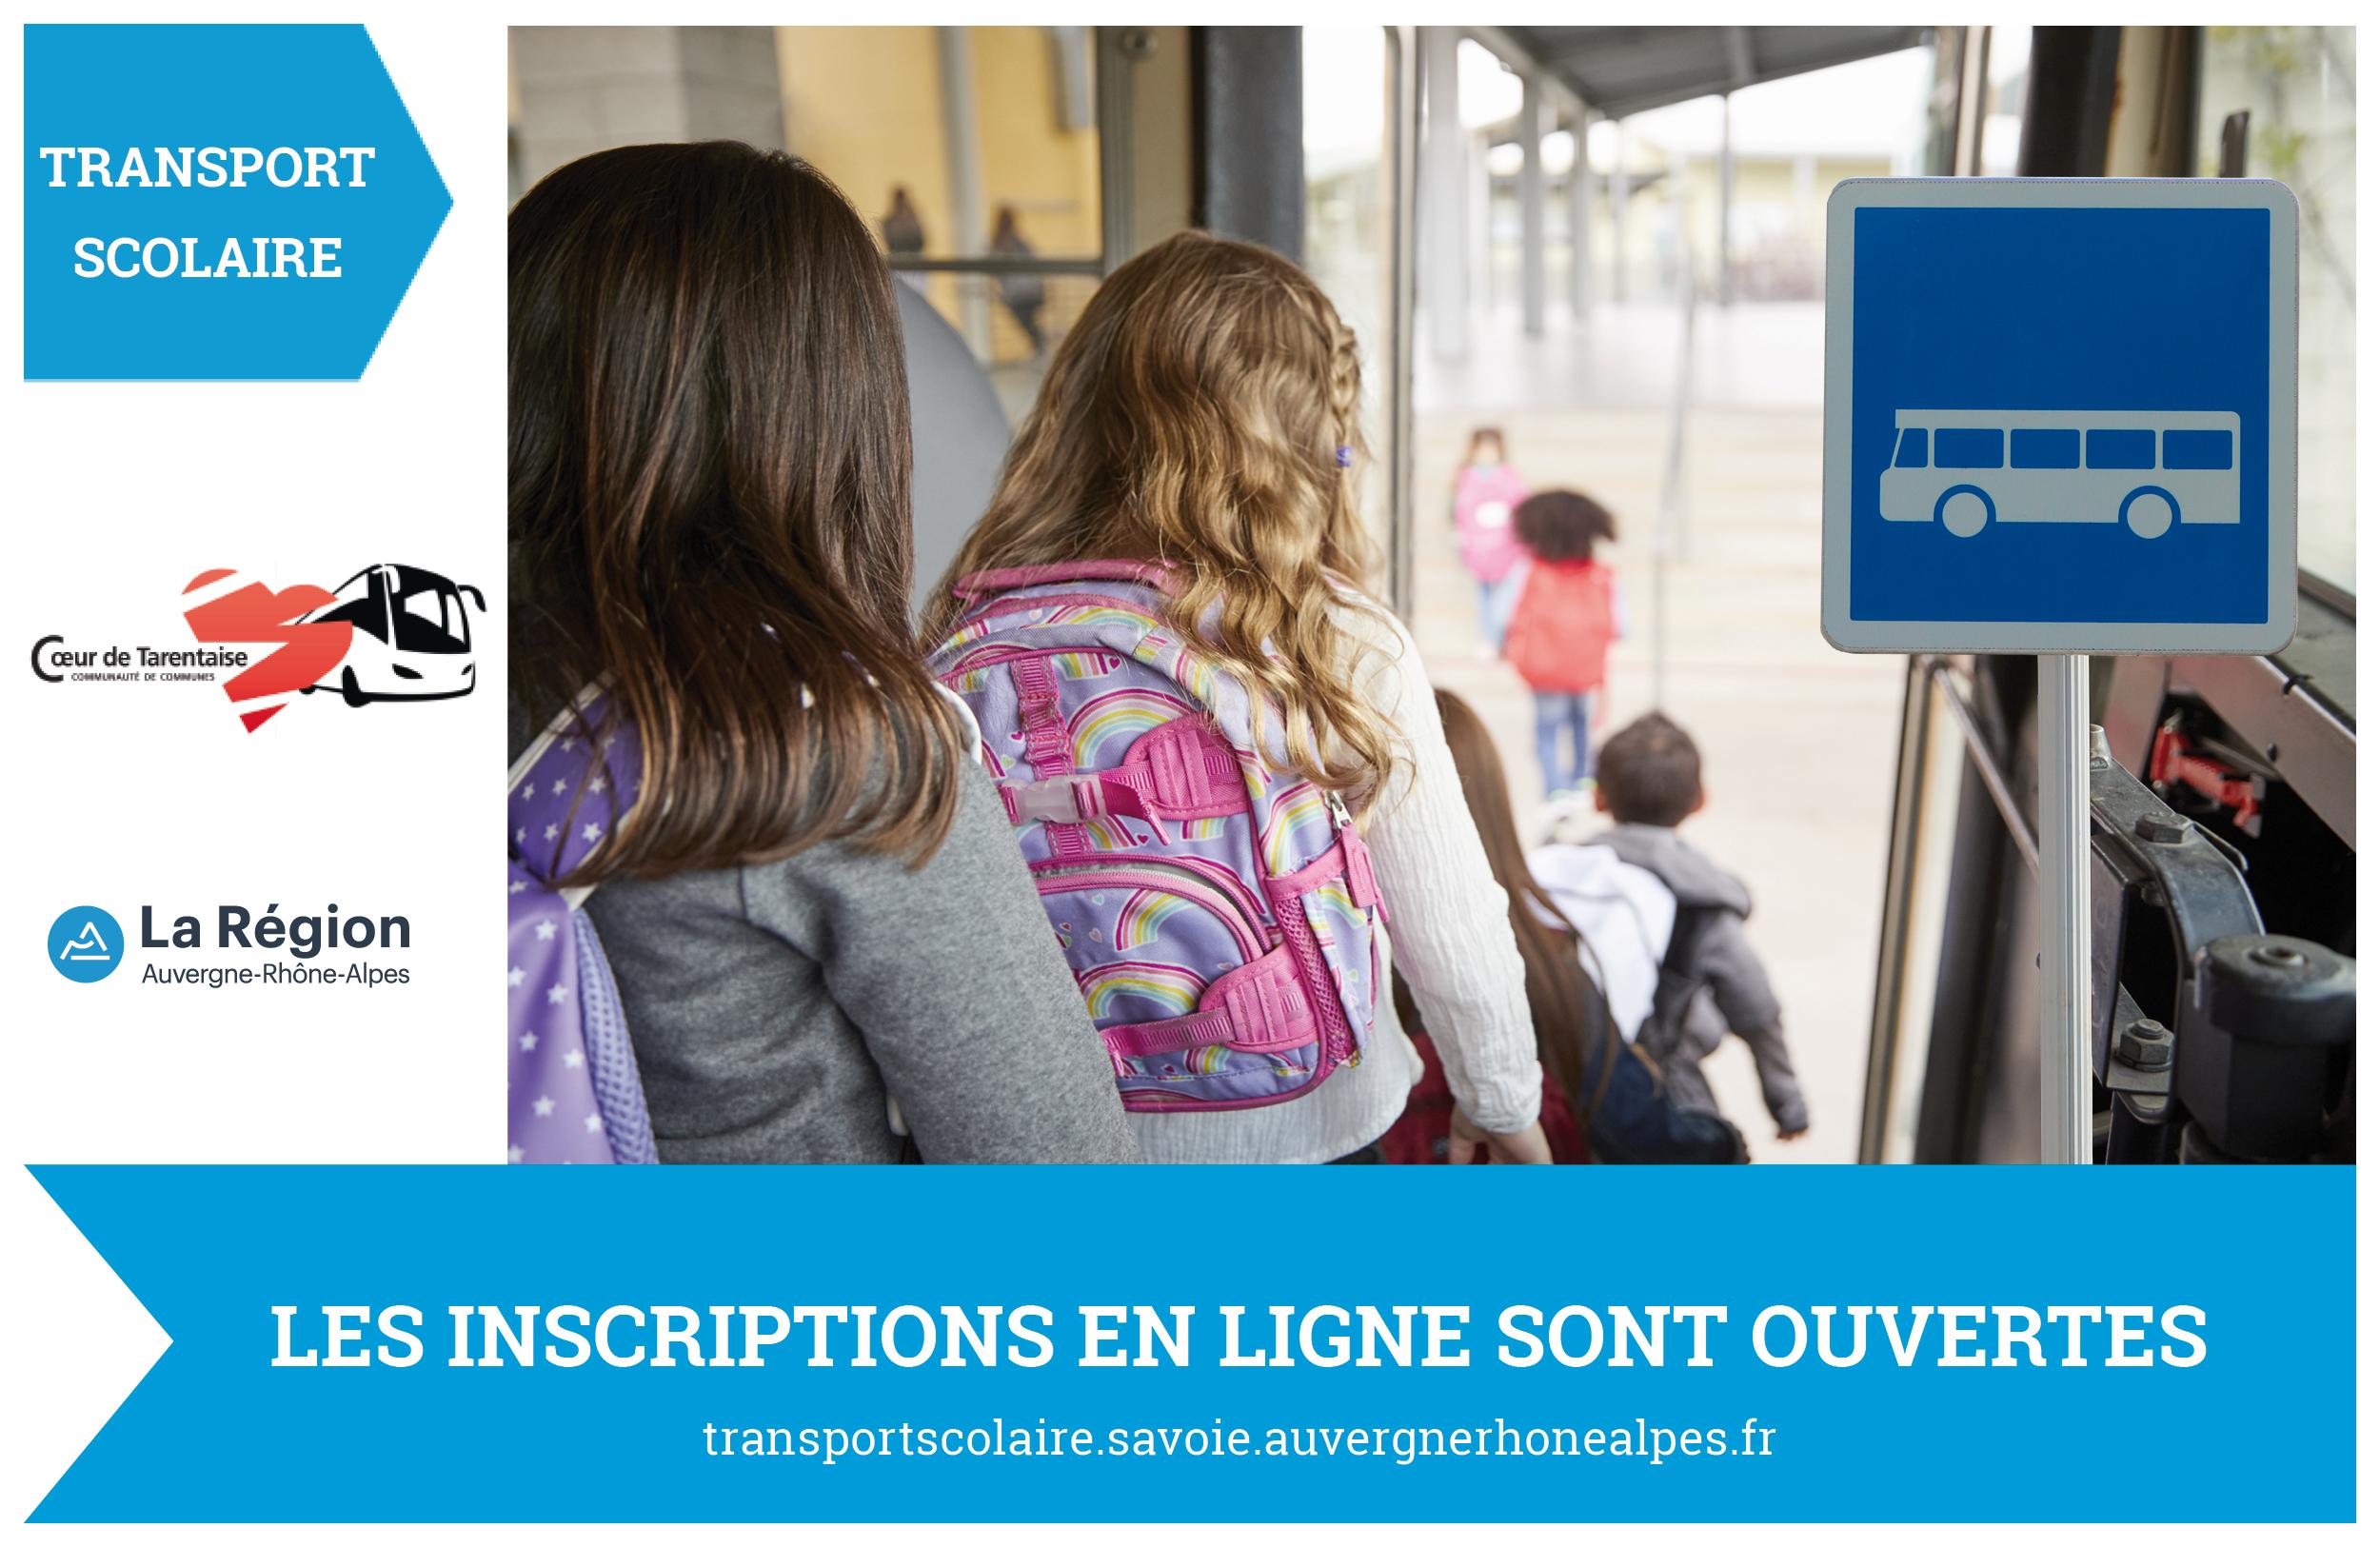 Transport scolaire : les inscriptions en ligne sont ouvertes !